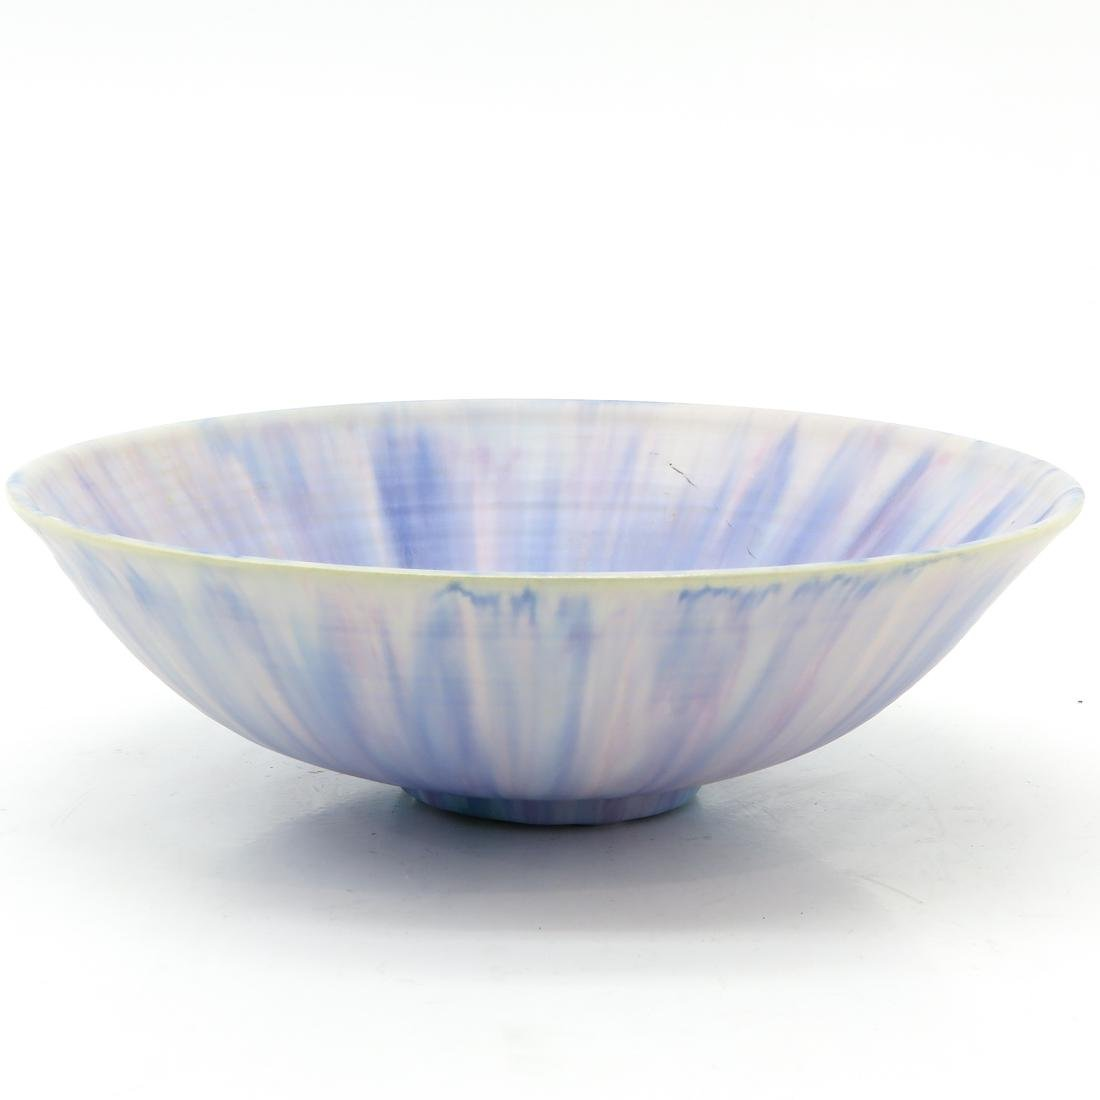 Tessa Braat Bowl